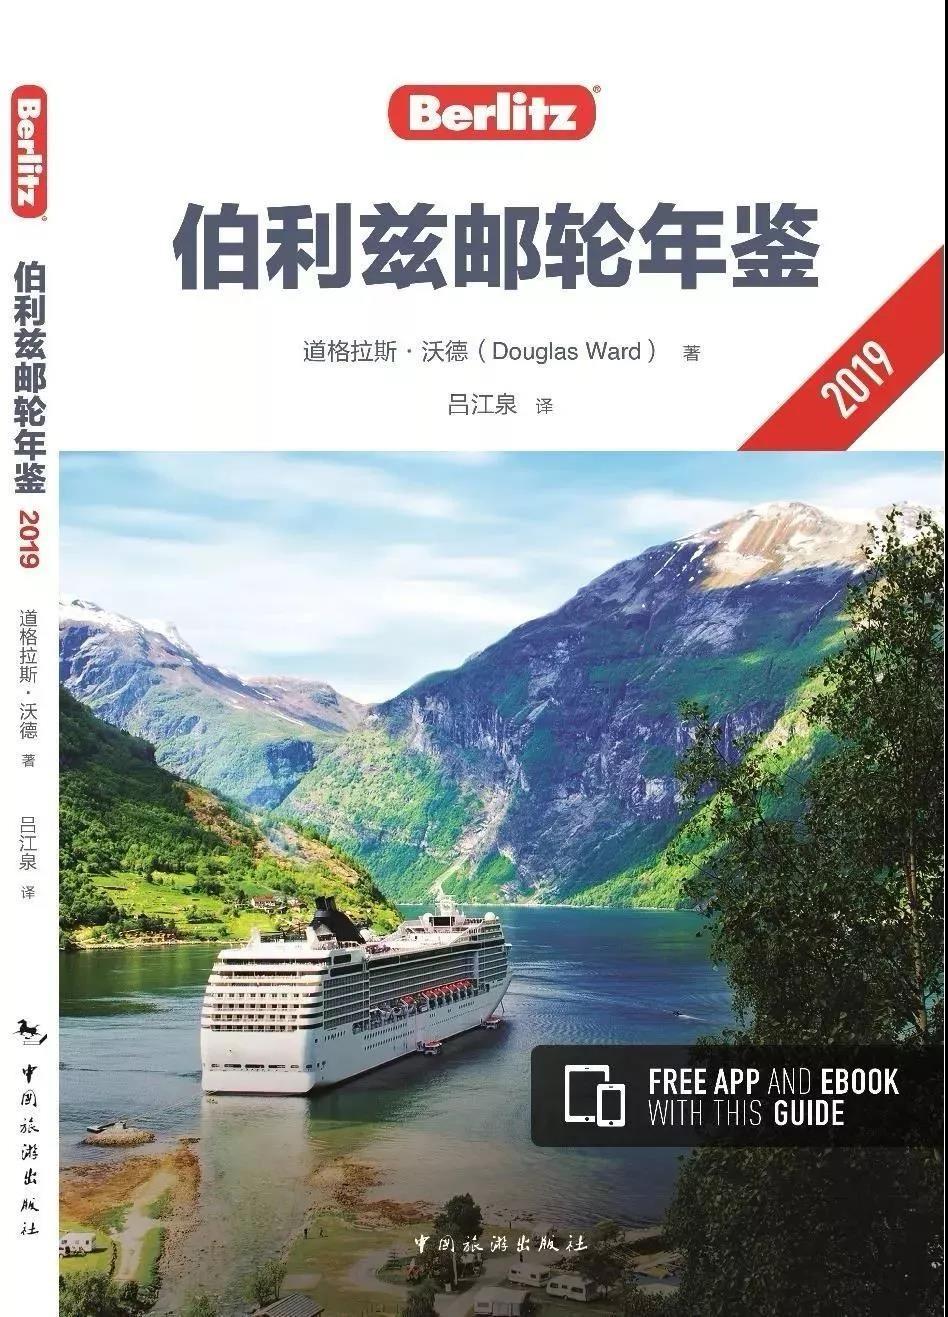 广州南沙邮轮旅游业发展迅猛